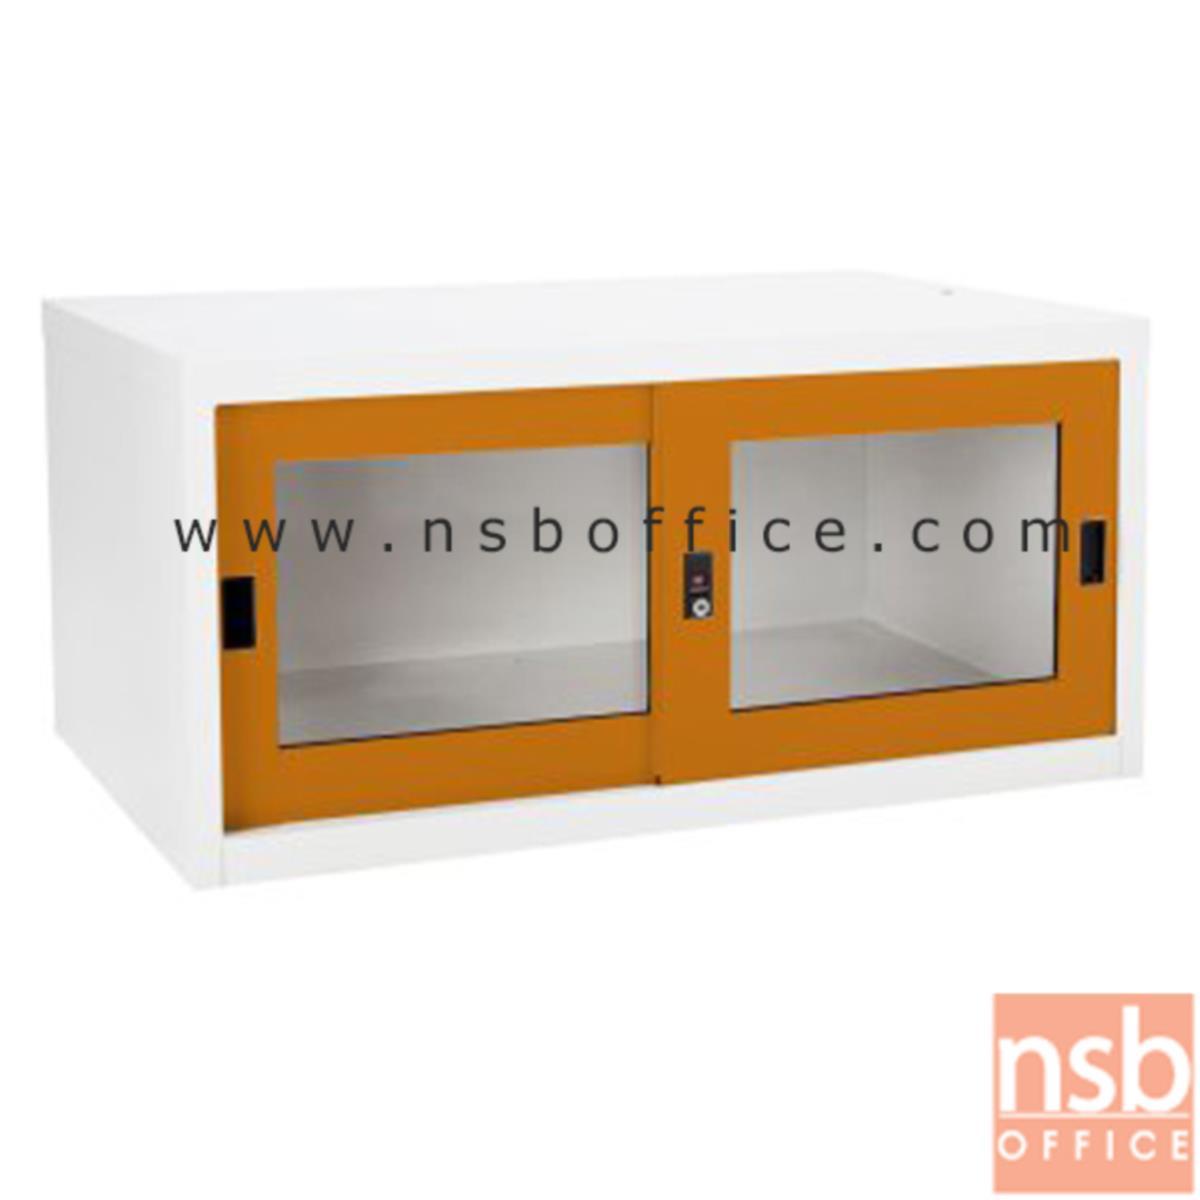 E23A013:ตู้เสริมบนตู้เสื้อผ้าเหล็ก บานเลื่อนกระจก (สูงรวม 226 cm.) รุ่น SGC-04